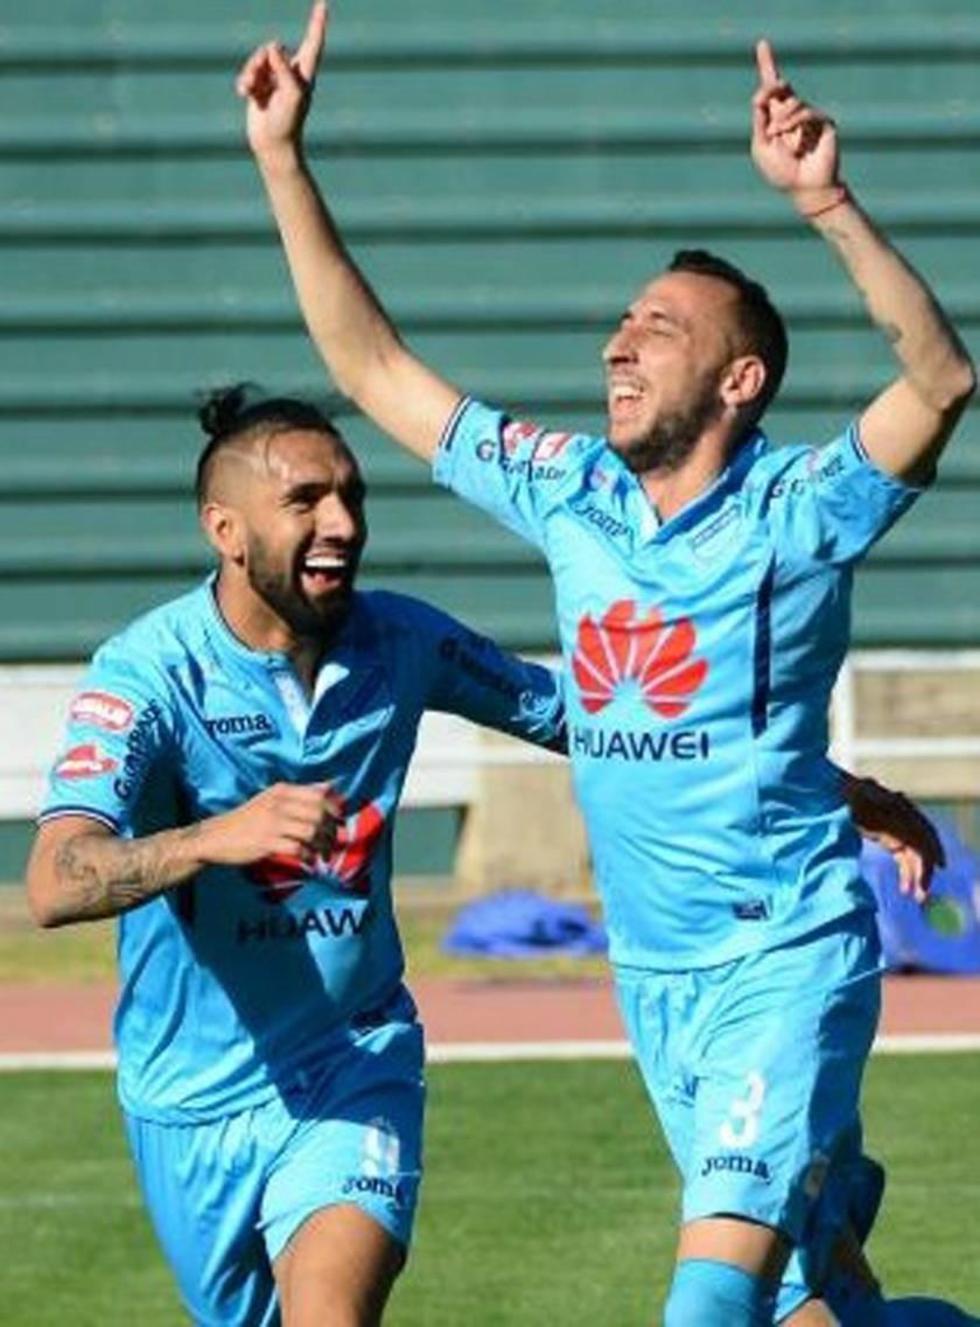 Bolívar está a tres puntos de lograr el título de fútbol